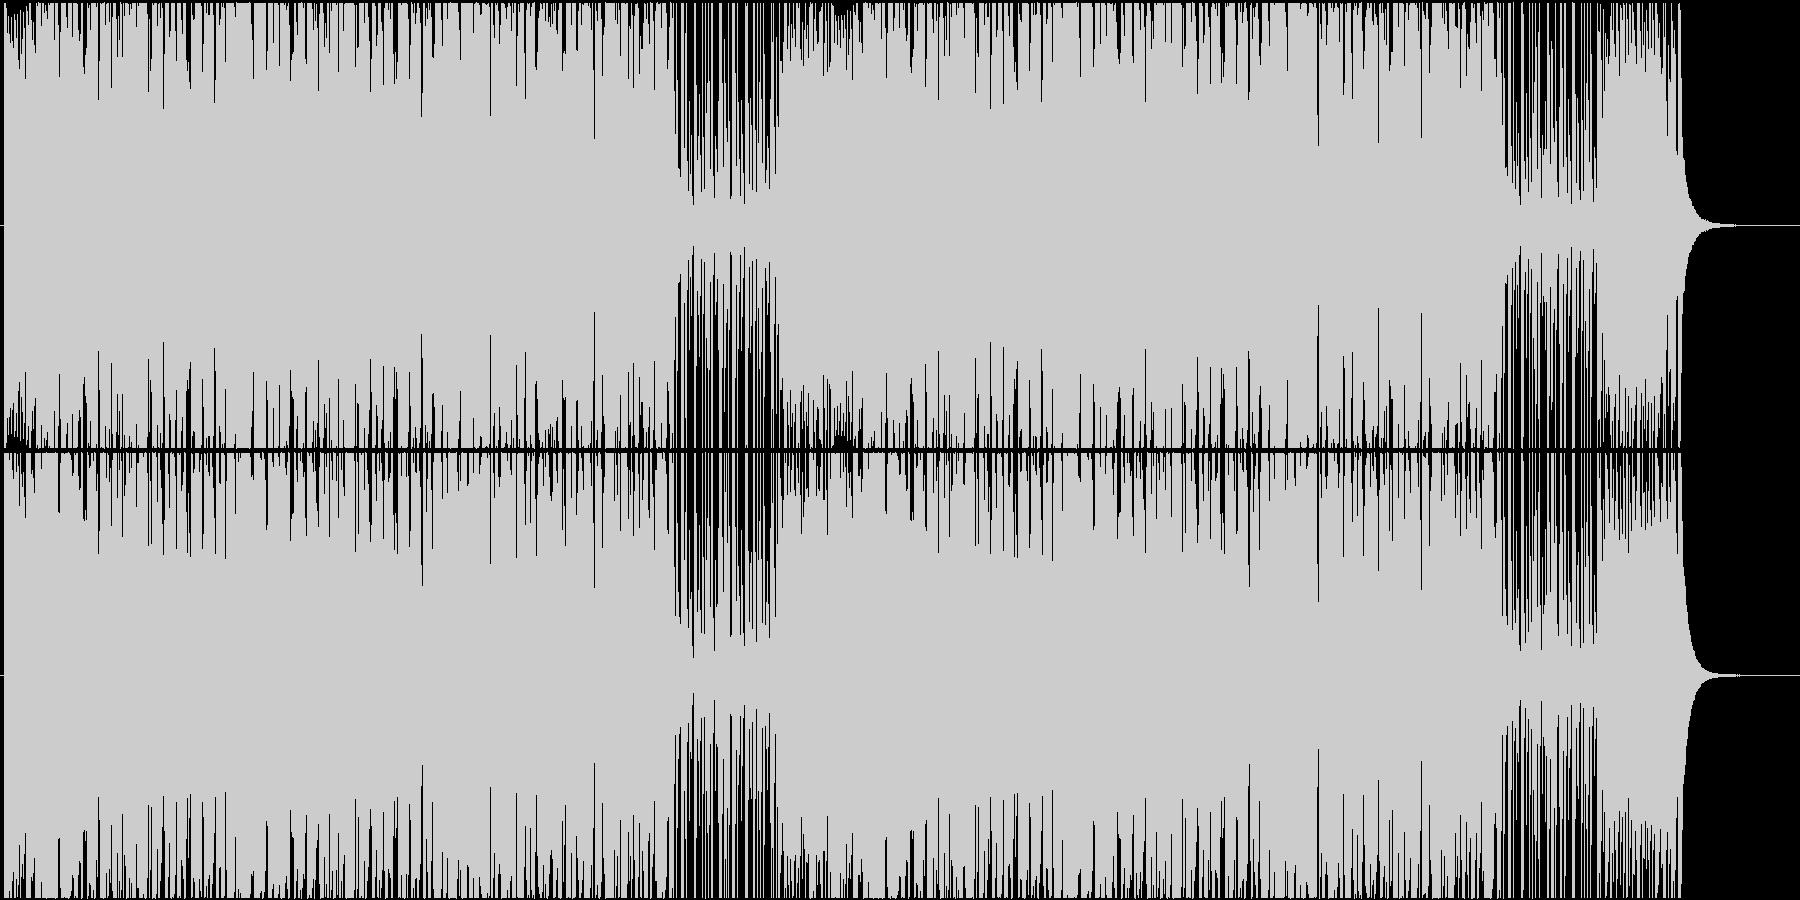 お祭りに合う和風ポップス(ループなし)の未再生の波形